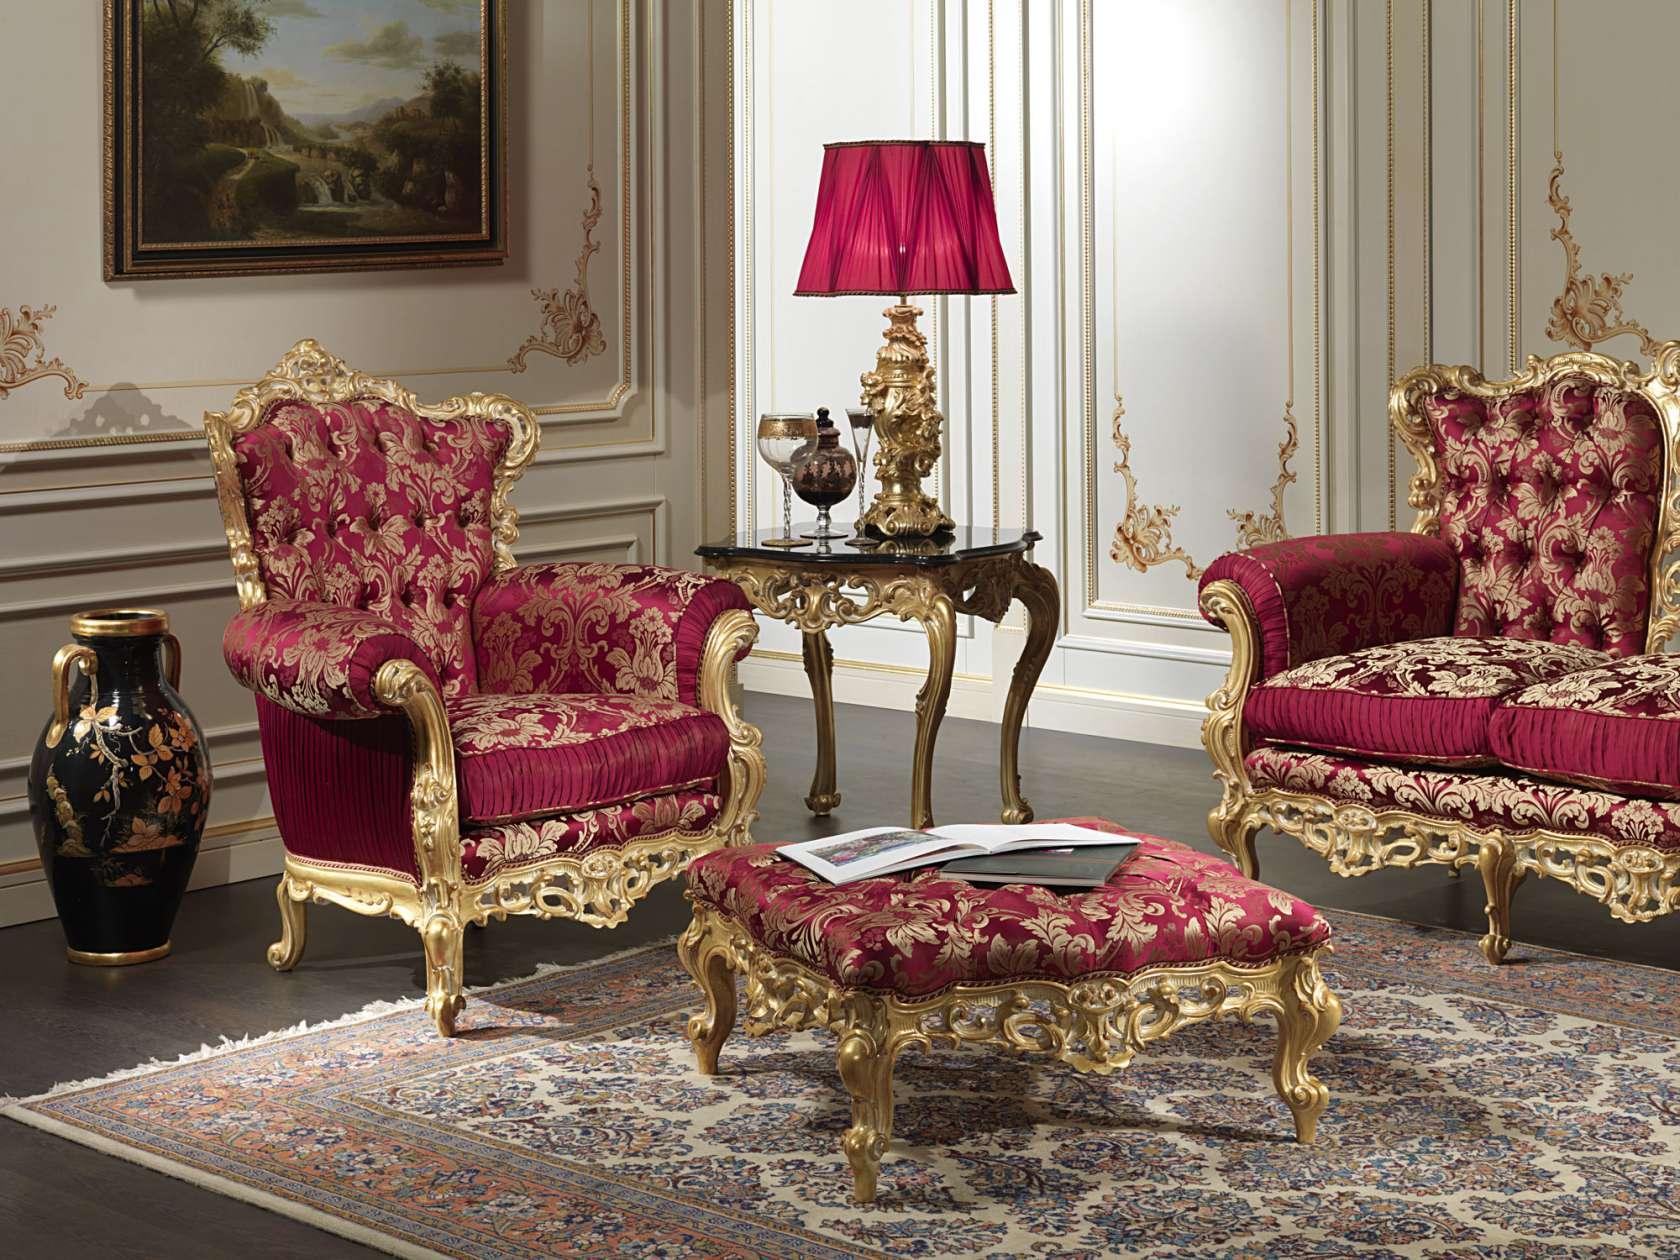 Poltrona barocca della collezione salotto barocco for Divano barocco